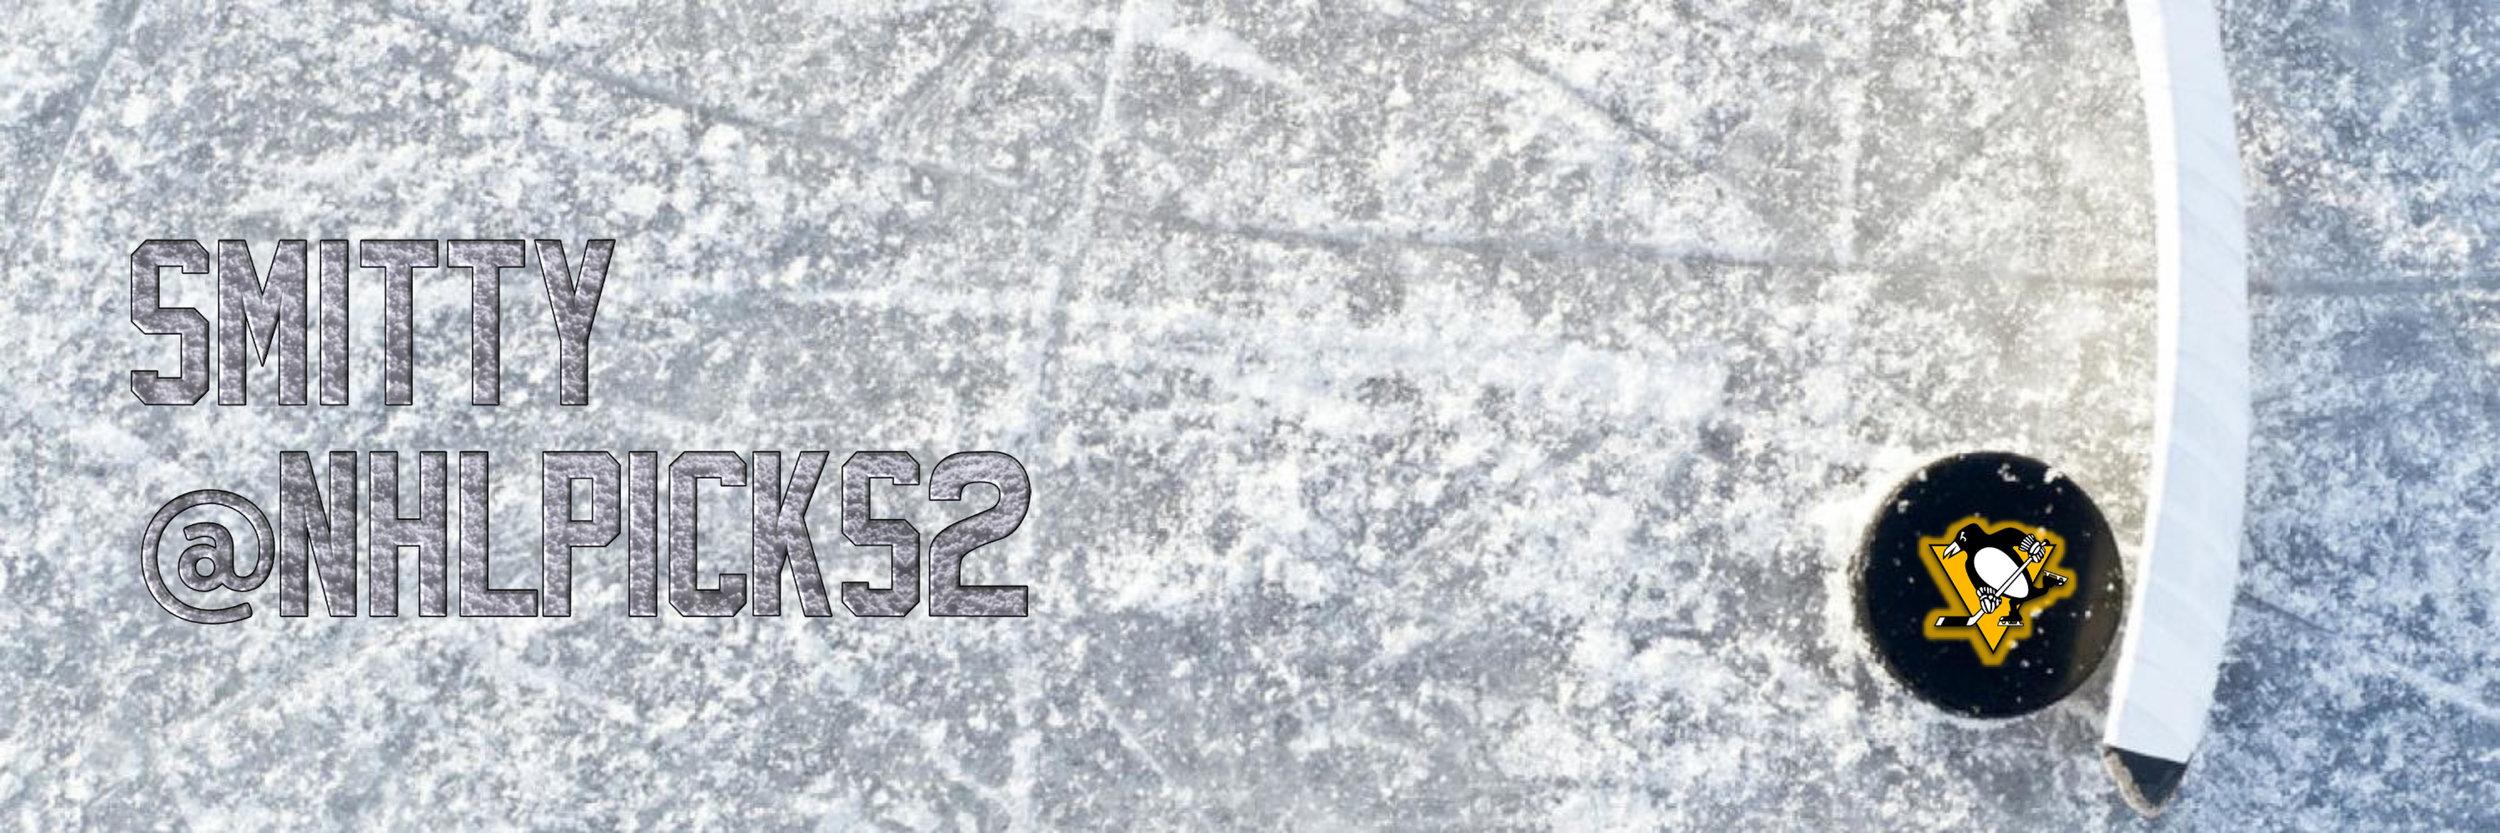 SNHL_Header.jpg